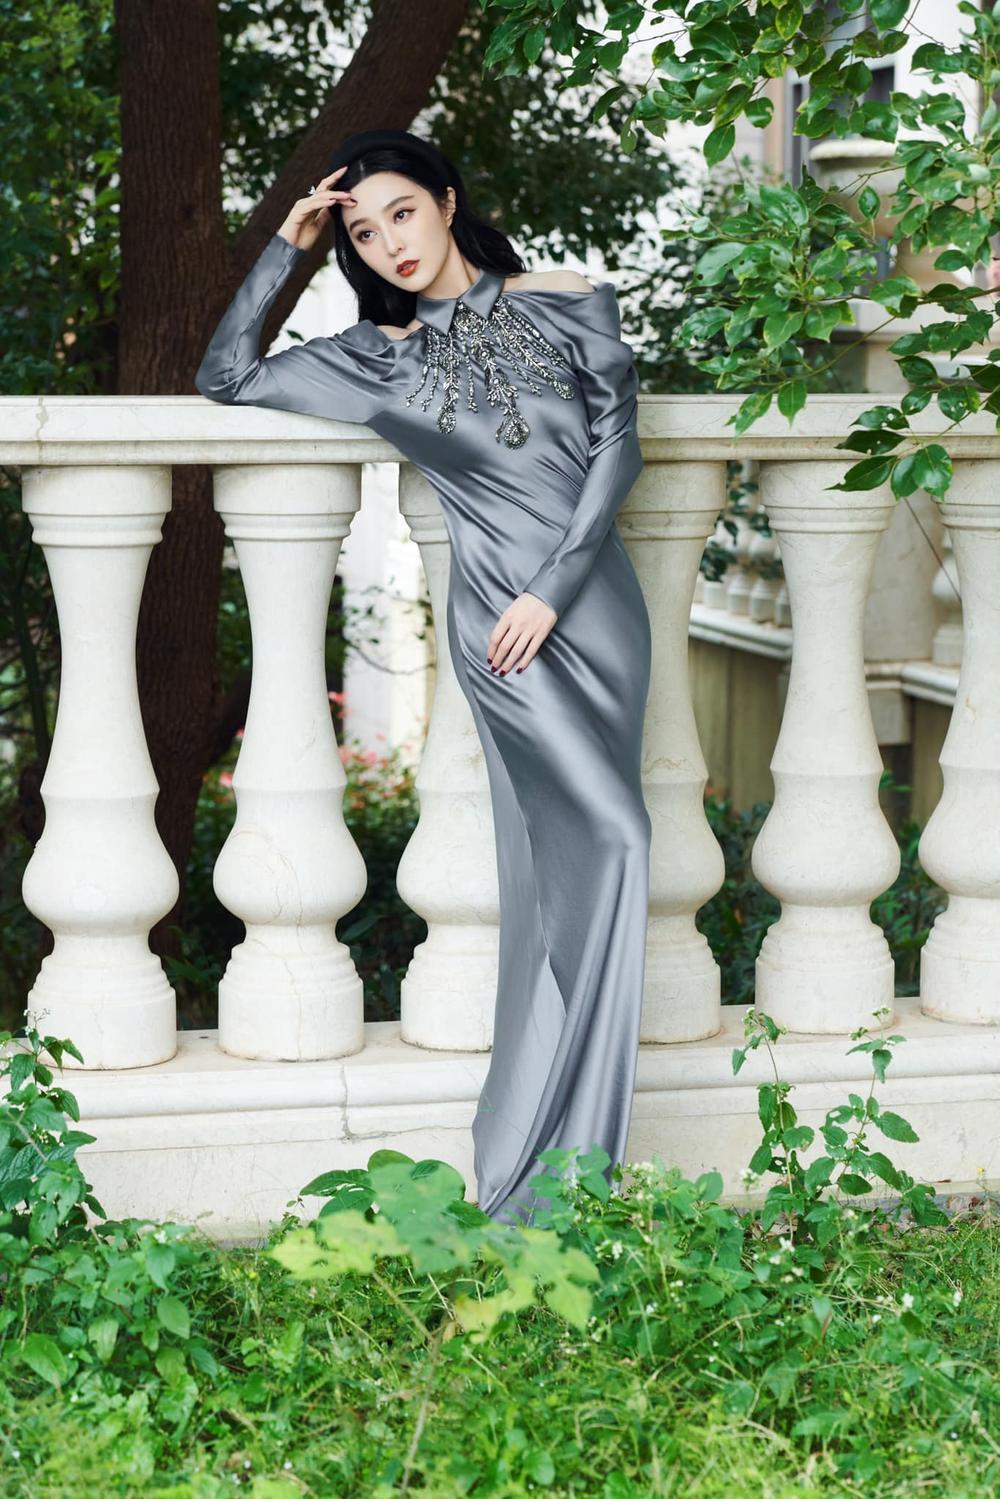 Phạm Băng Băng vượt mặt sao Hollywood trở thành mỹ nhân mặc đẹp nhất trên Vogue Mỹ Ảnh 11